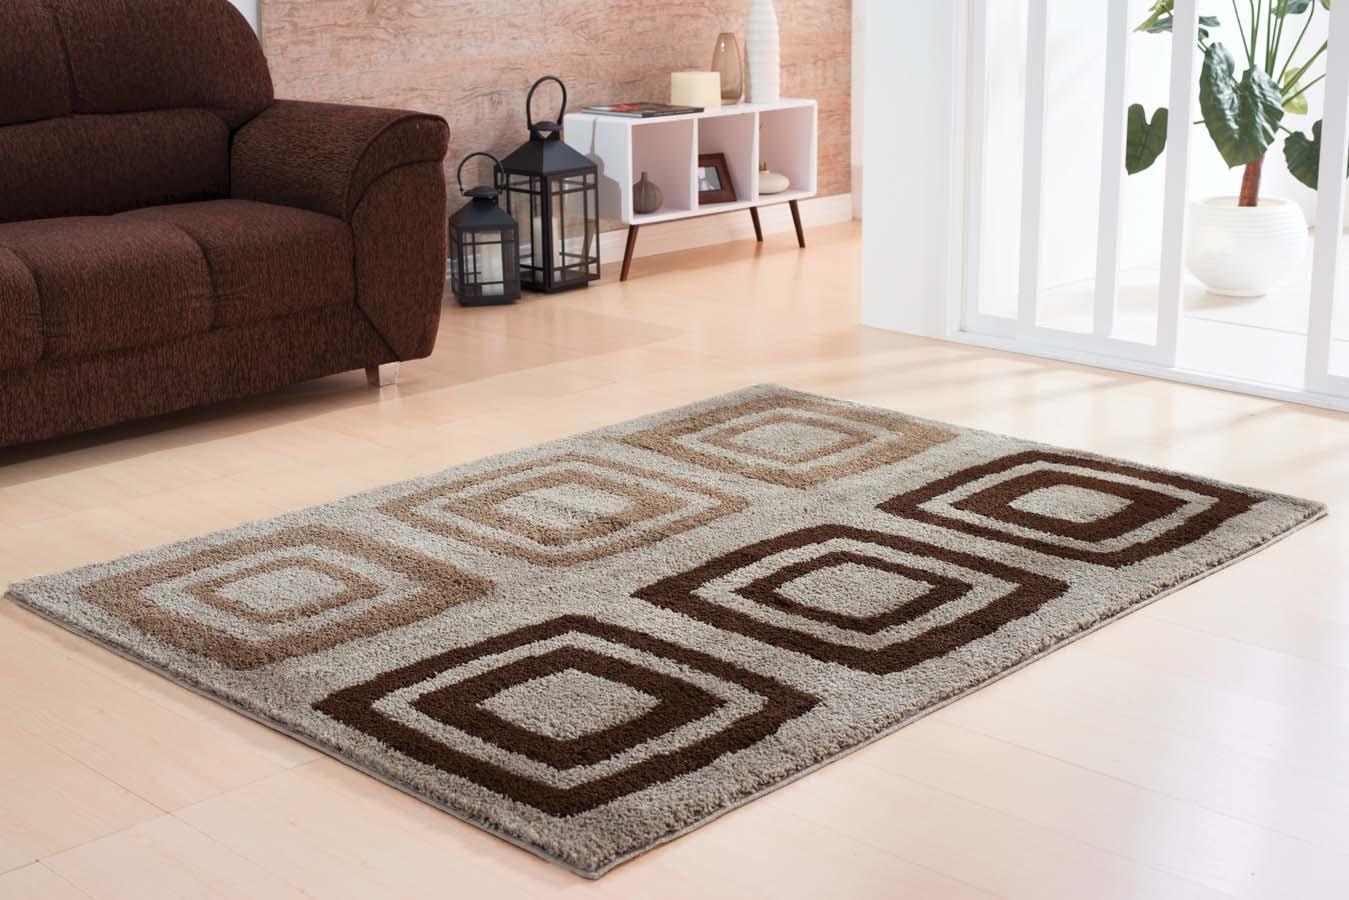 Coleção de Tapetes Plus: Aconchego e Sofisticação! Blog Mix Lar #38221C 1349 900